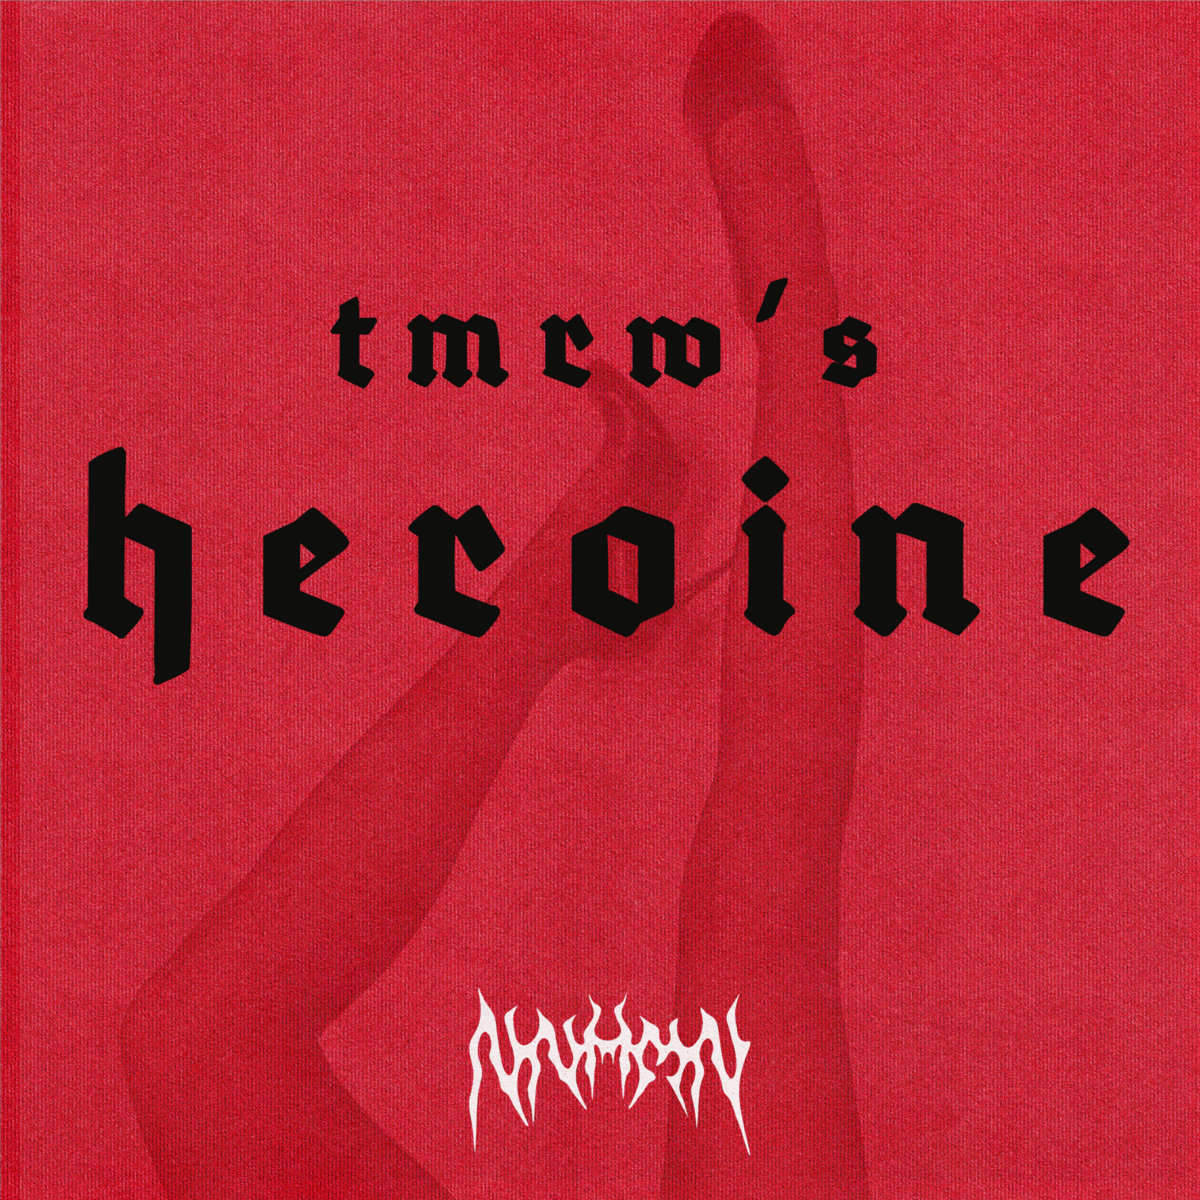 NNHMN - Tomorrow's Heroine (EP, 2021)